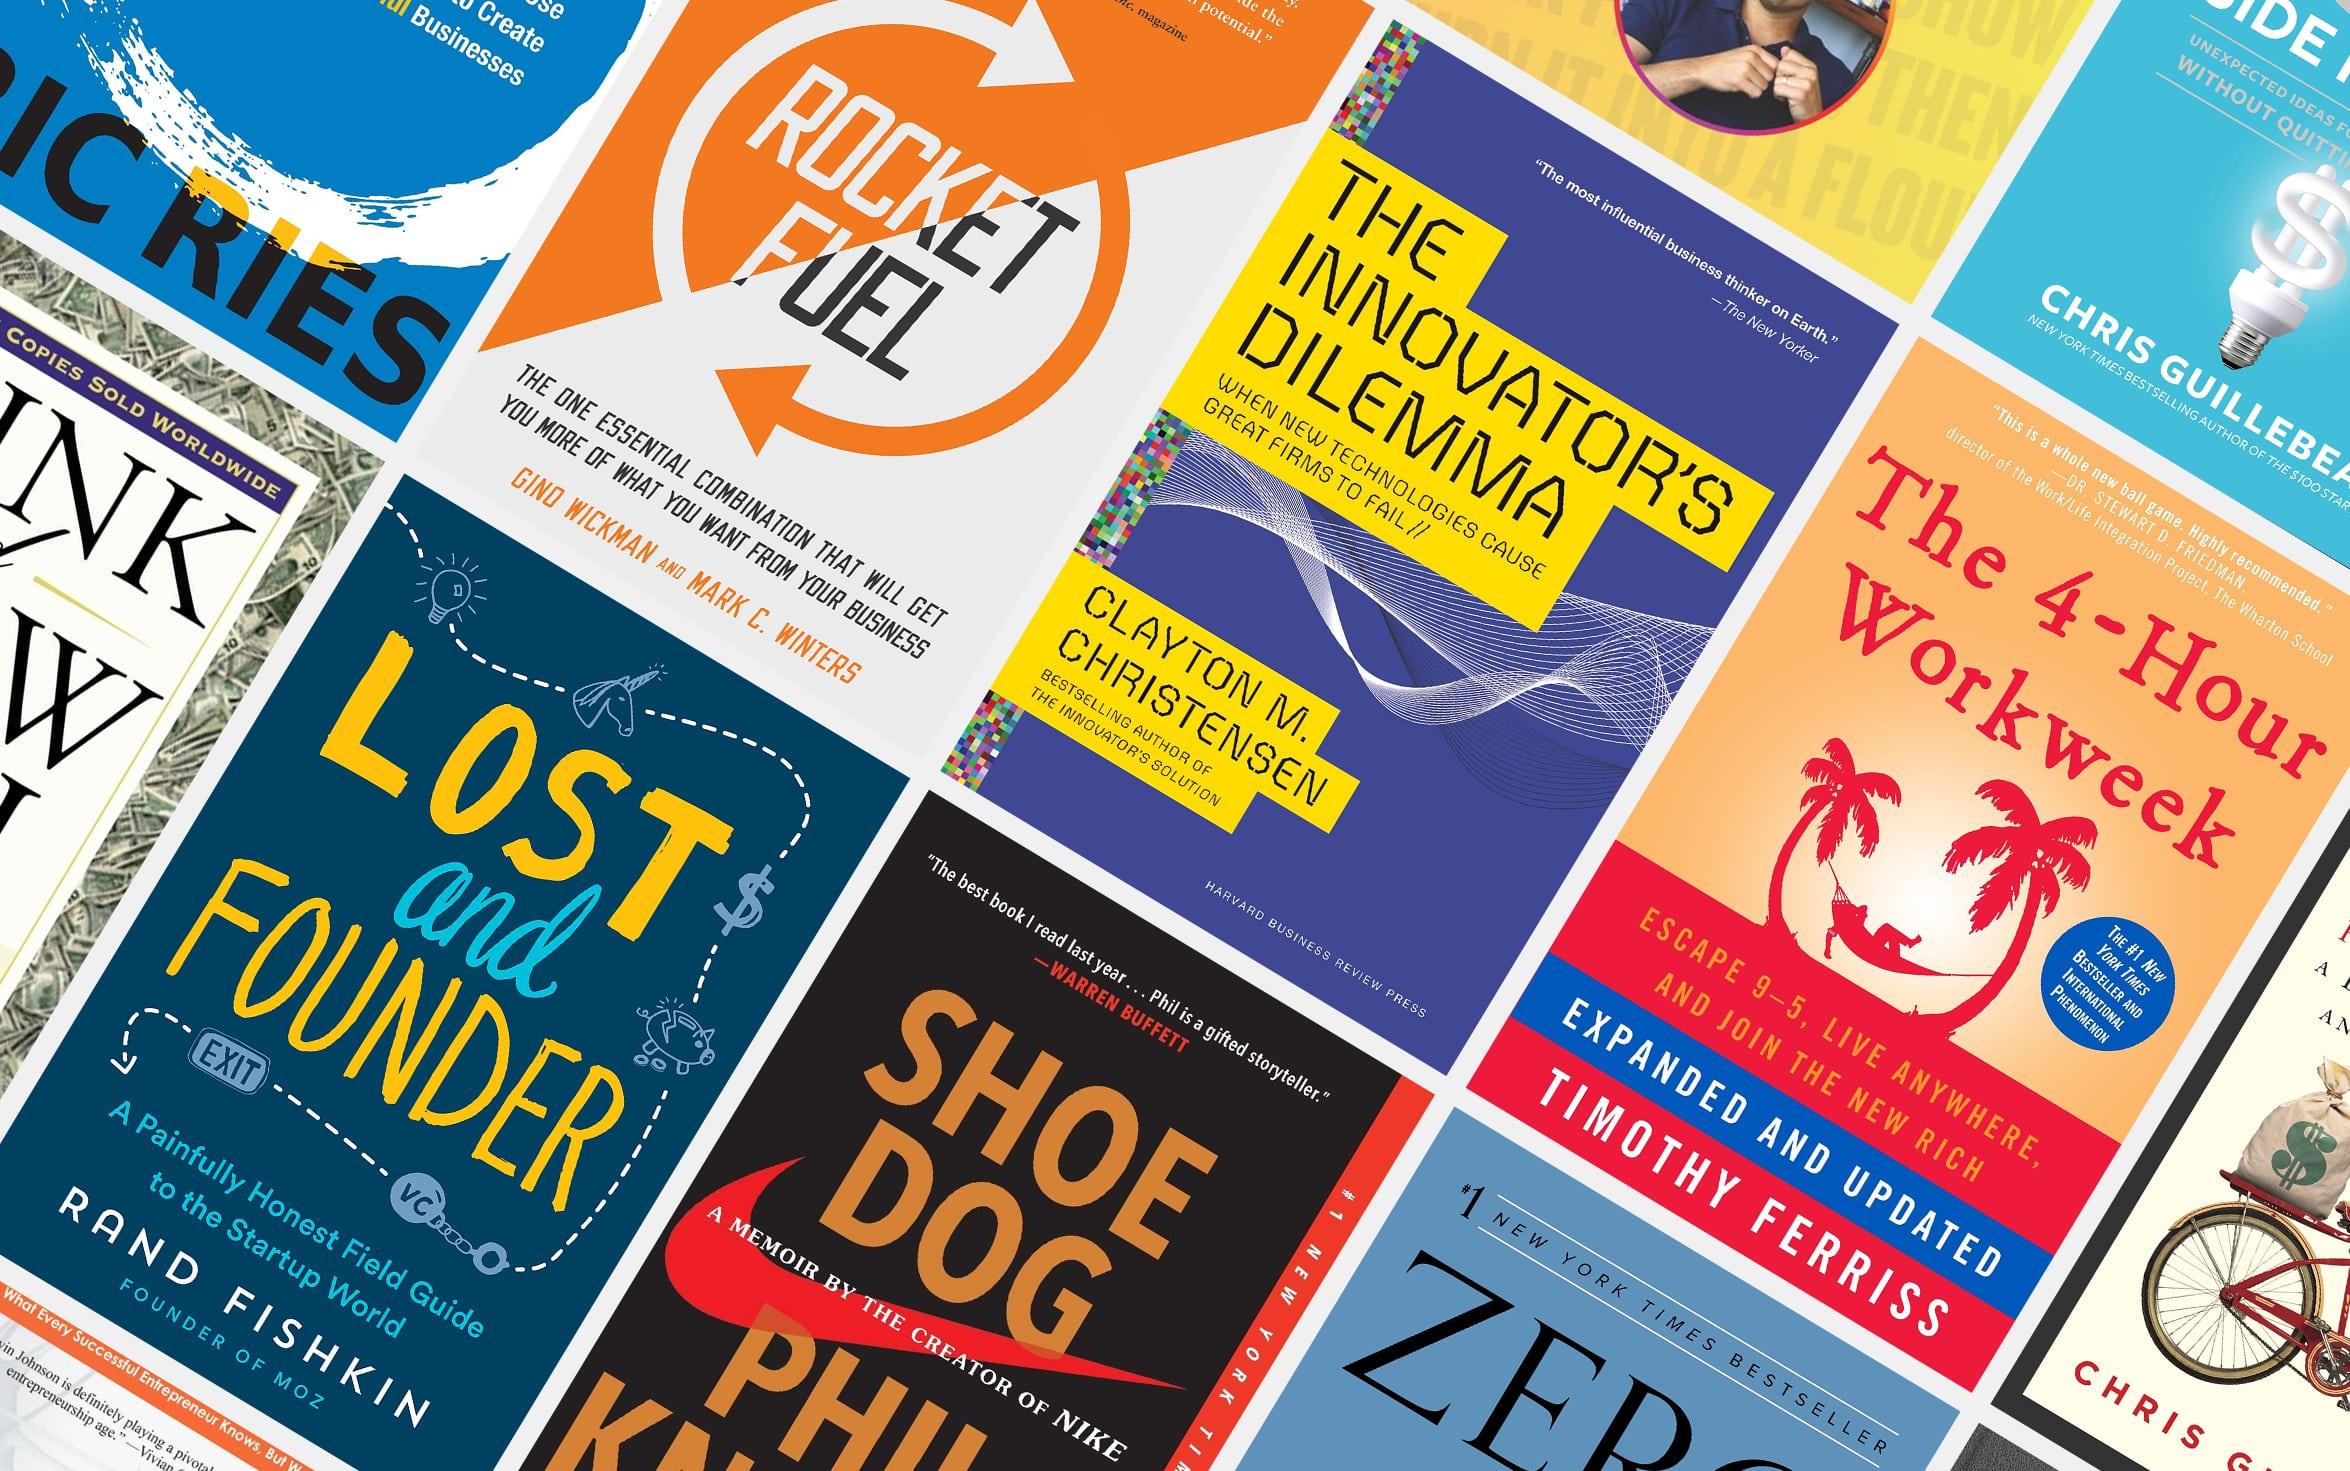 must-read-books-for entrepreneurs